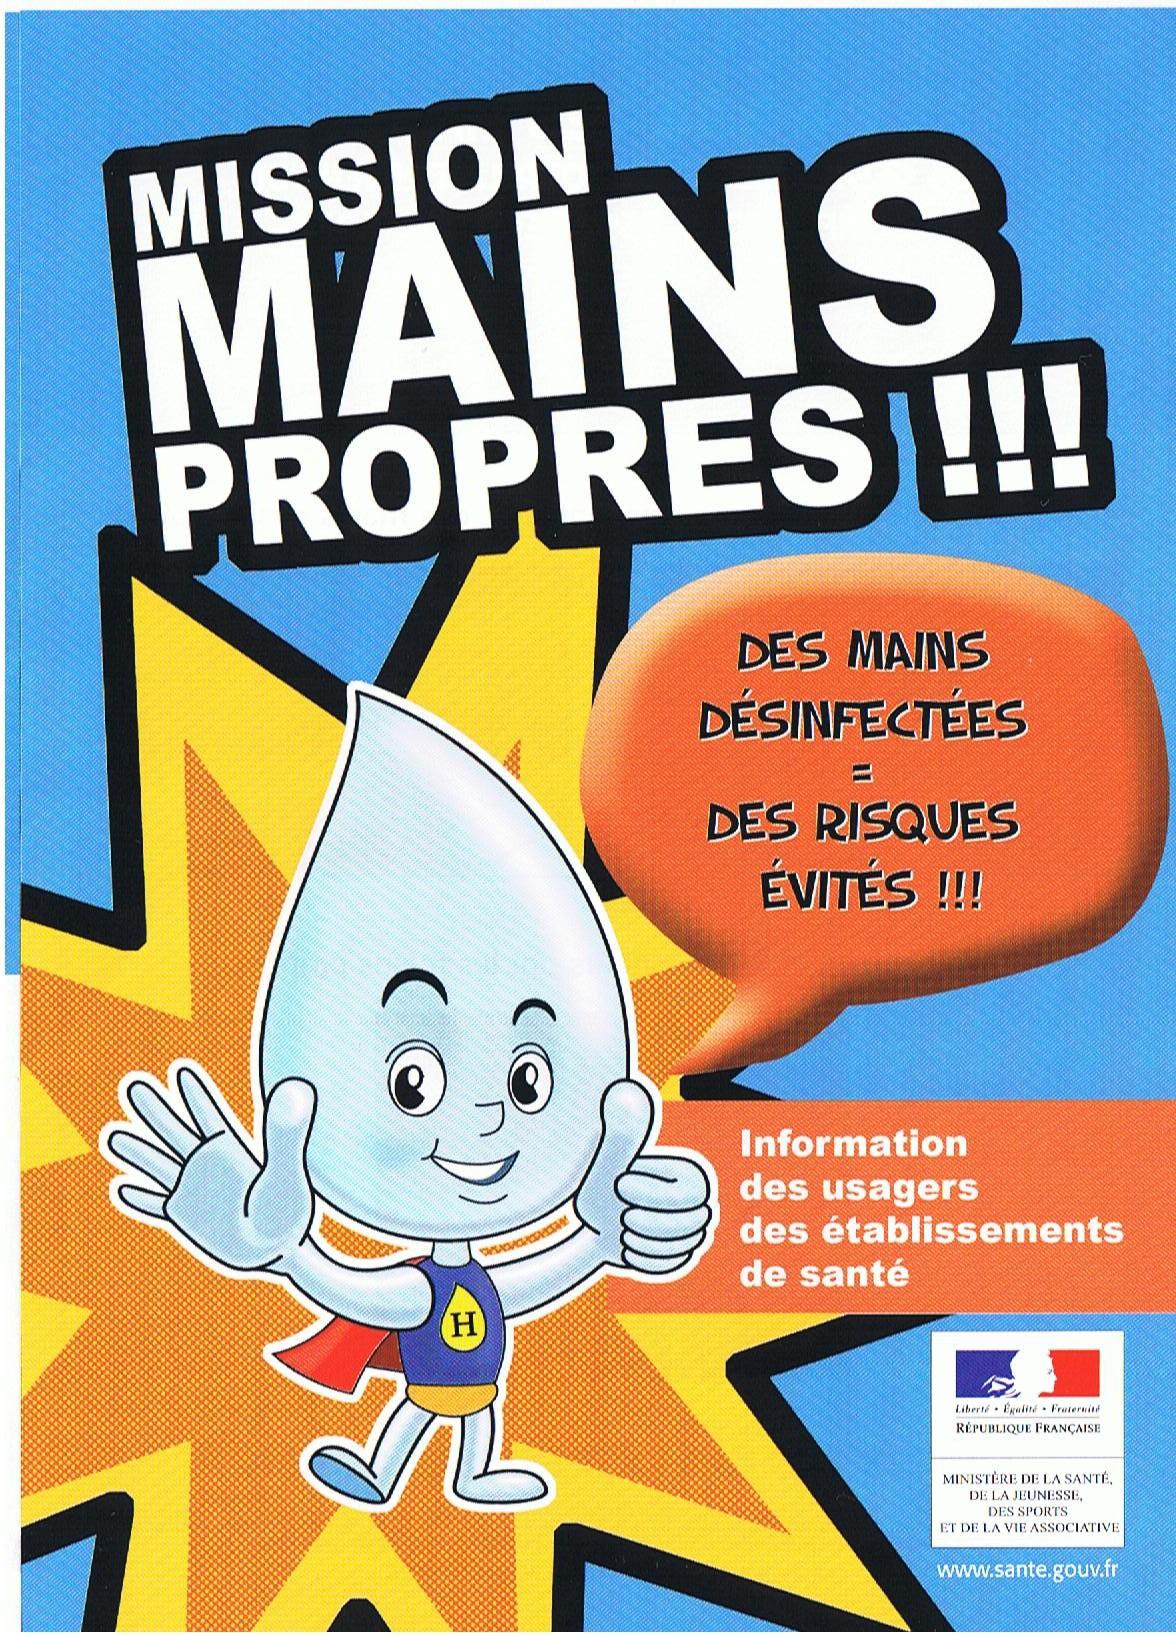 Poster : Mission mains propres !!! Campagne d'information du ministère de la santé à propos de l'hygiène des mains.